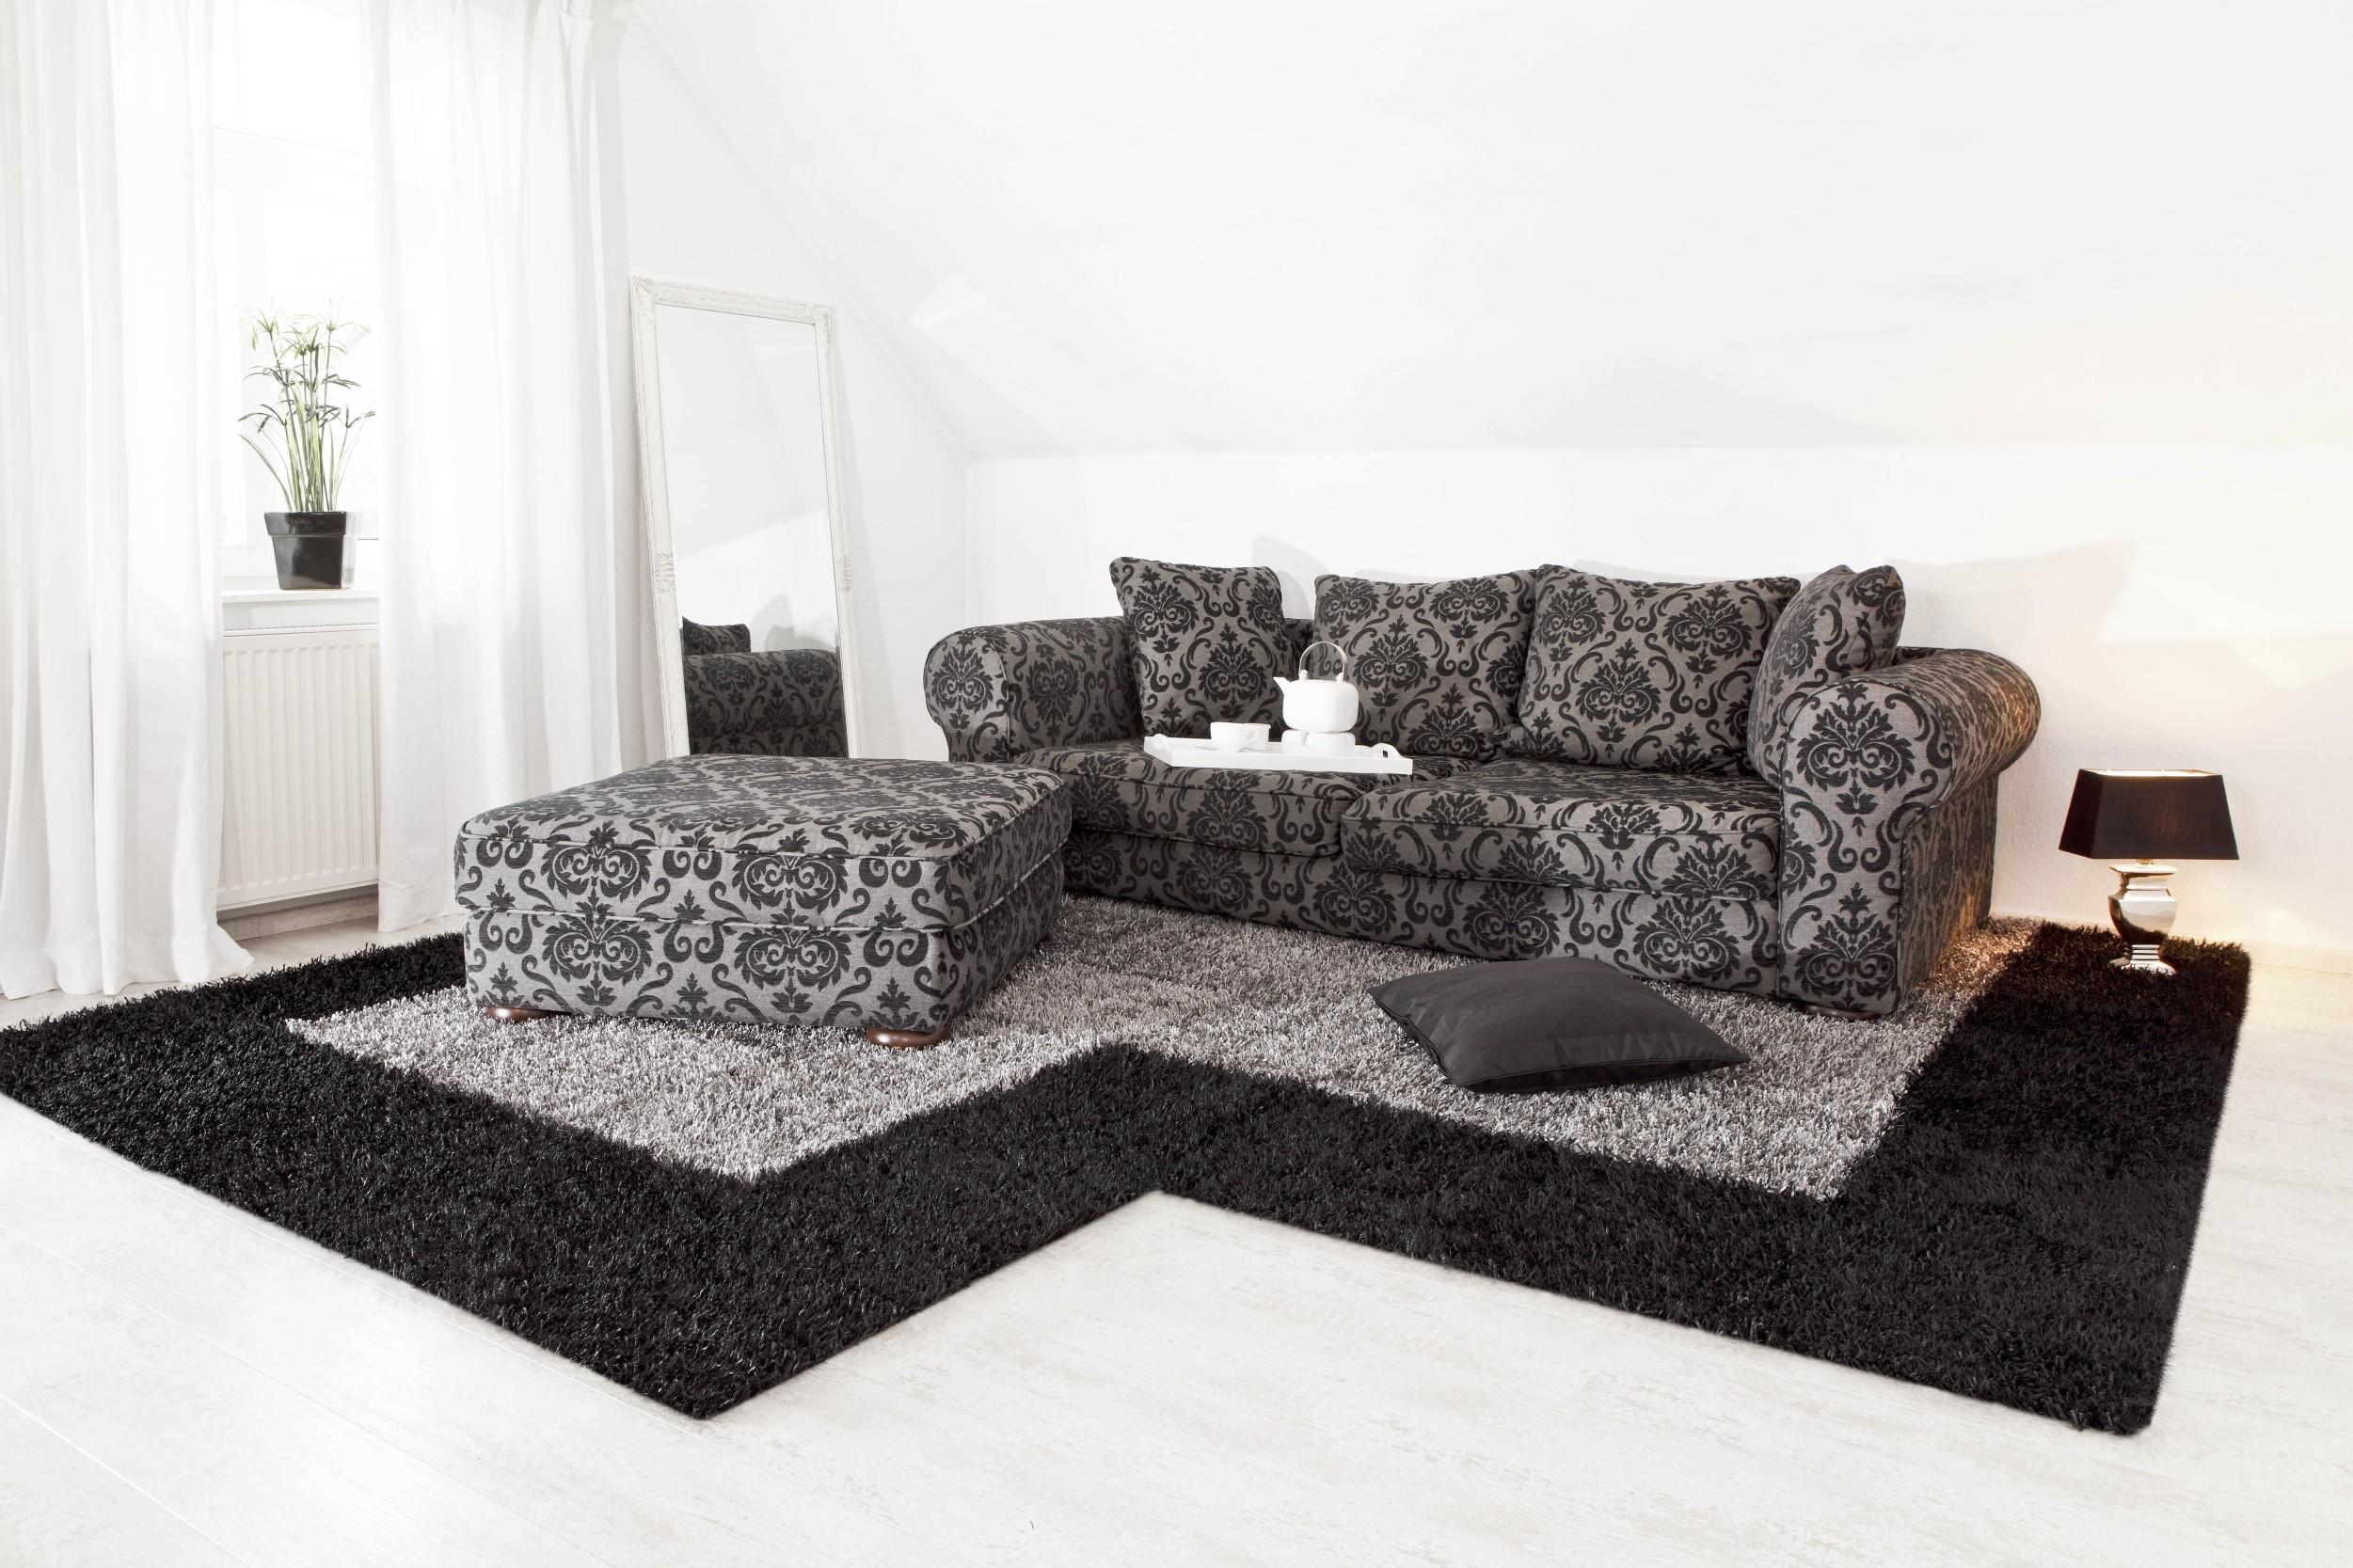 Teppich Al Mano Beispiel: grosse L-Form in grau und schwarz mit Möbelsitzgruppe